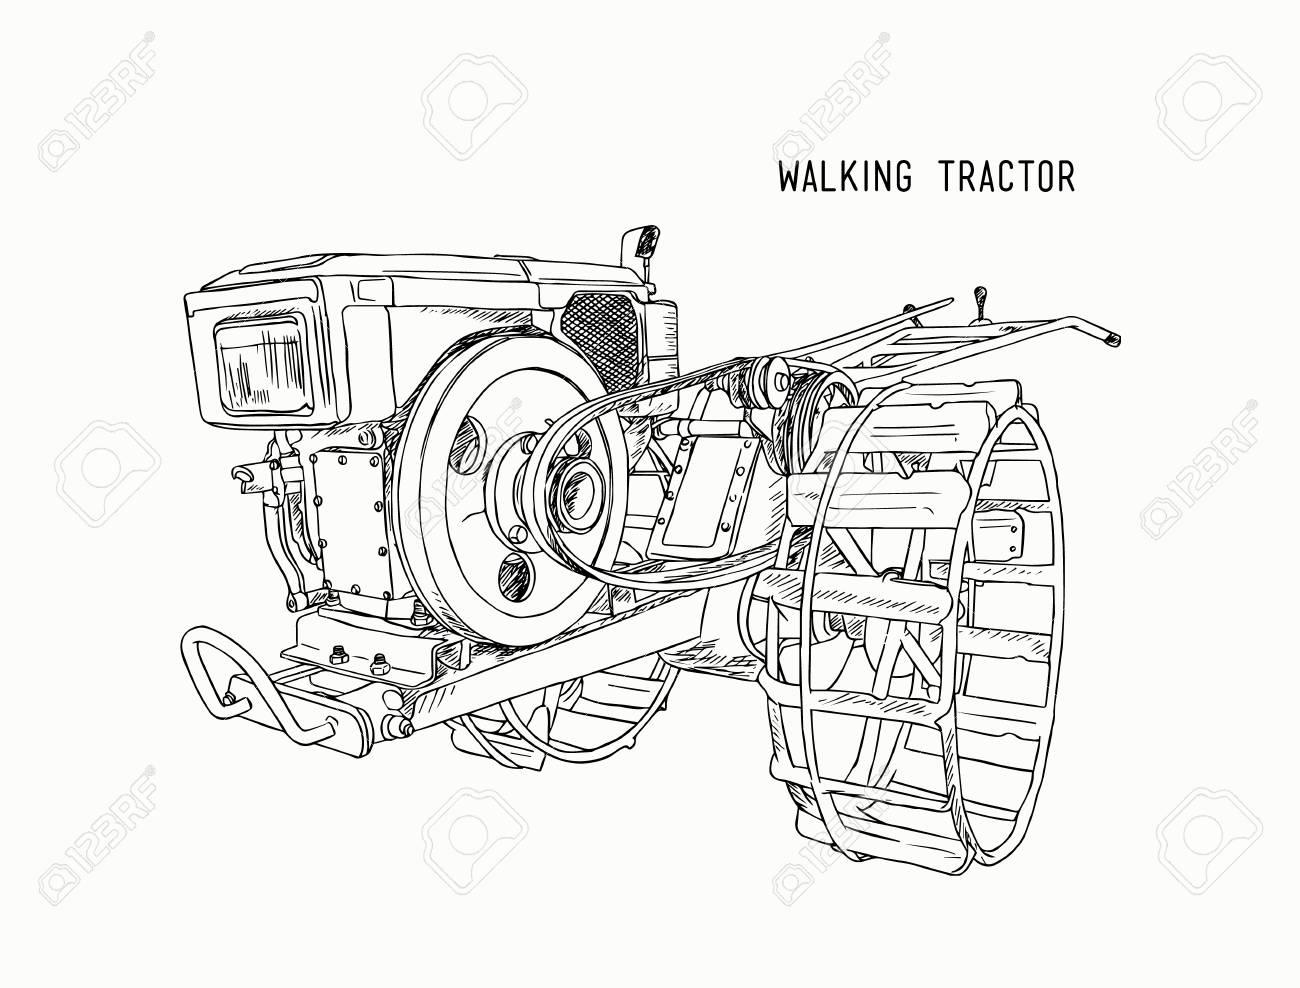 Machine De Charrues Tracteur De Marche Pour Le Sol Cultive Pour